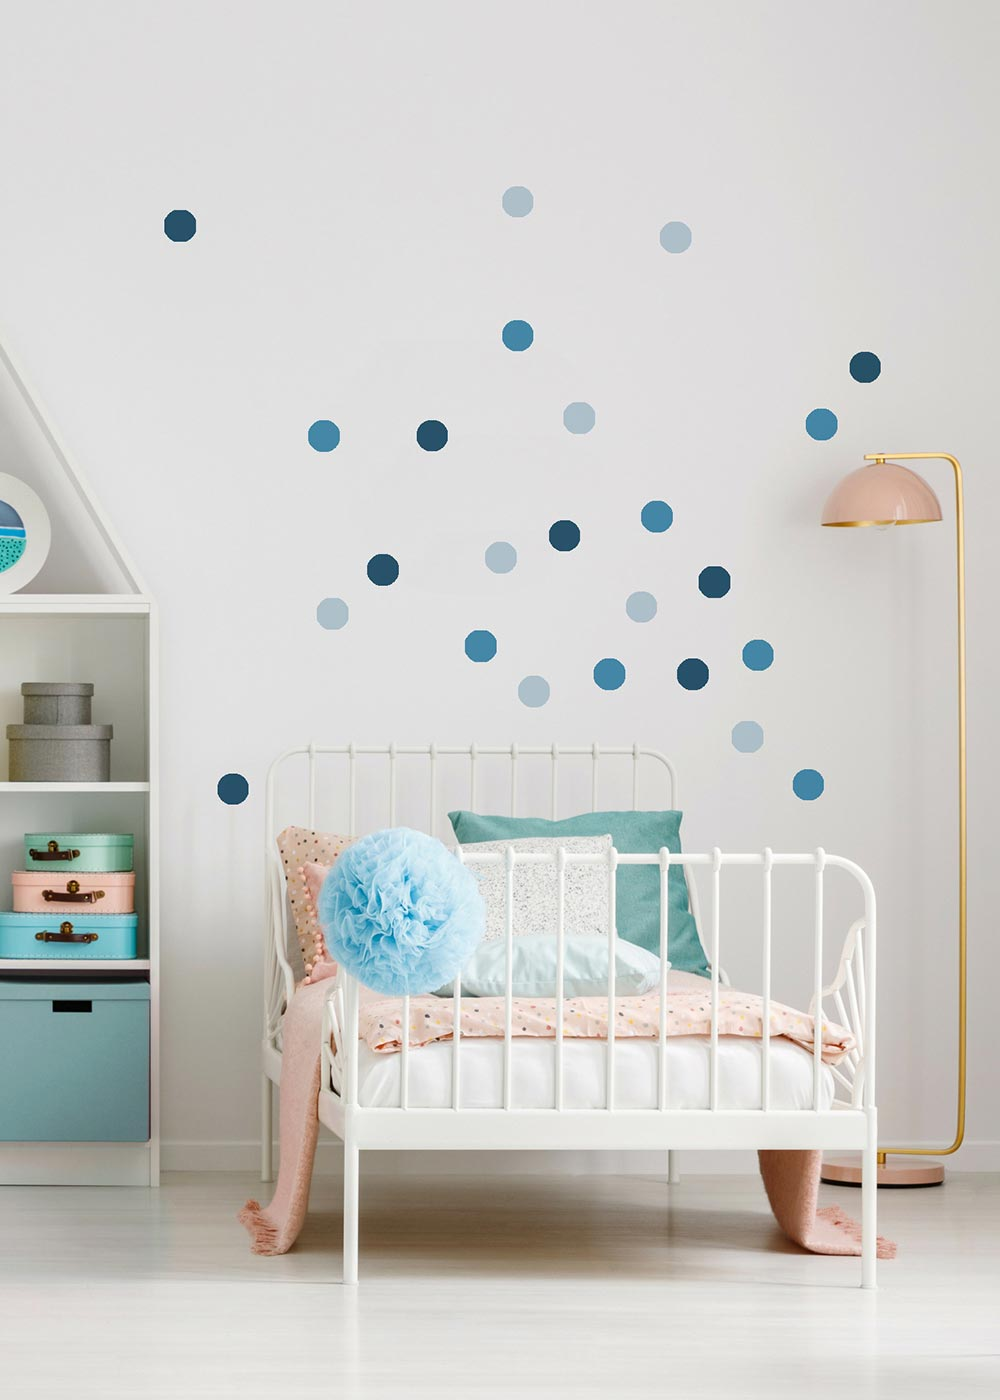 Stickerset Polka dots blau Gestaltungsbeispiel mit Bett